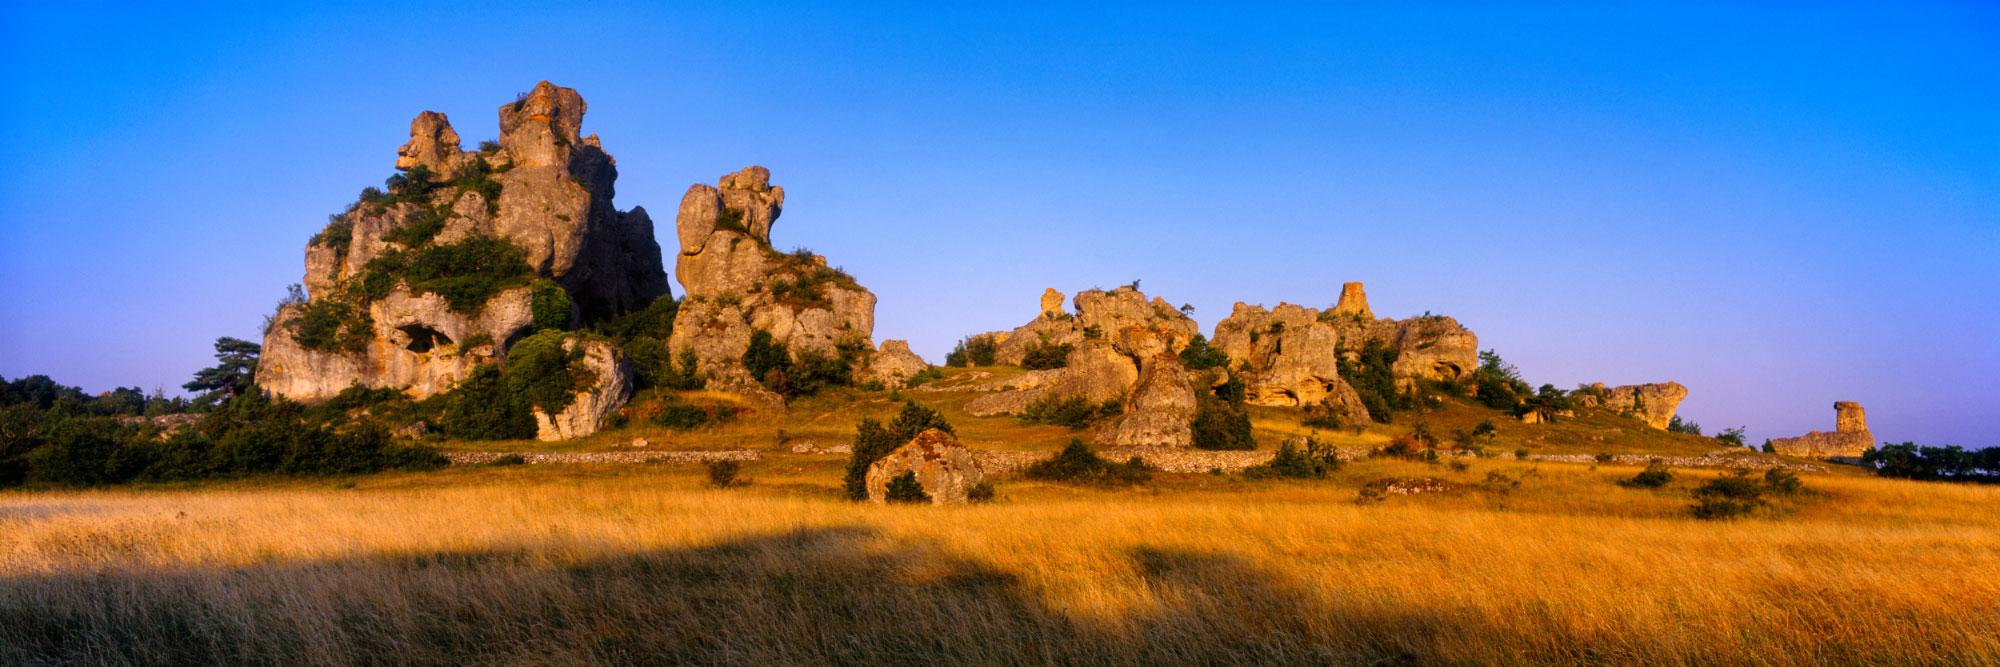 Rocher de Roques Altes, Causses noires